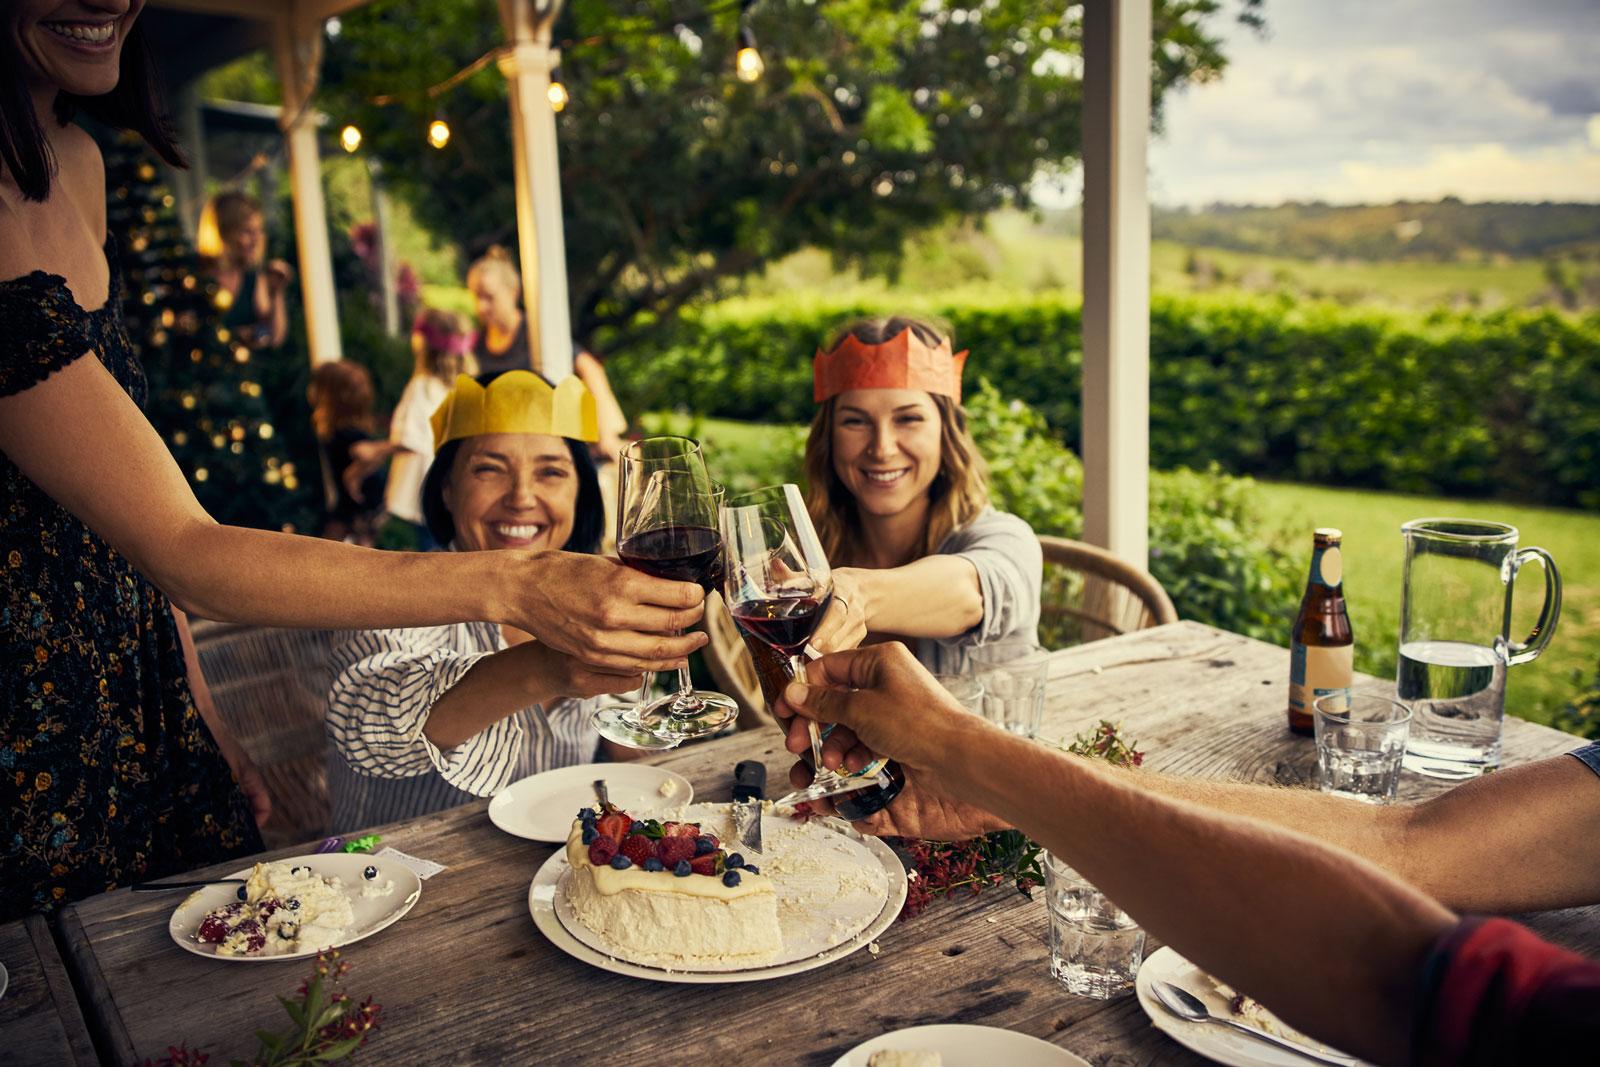 Feiern mit Freunden und Familie: An Weihnachten kommen auf der ganzen Welt Menschen zusammen. Bräuche und Speisen aber weichen je nach Region voneinander ab.